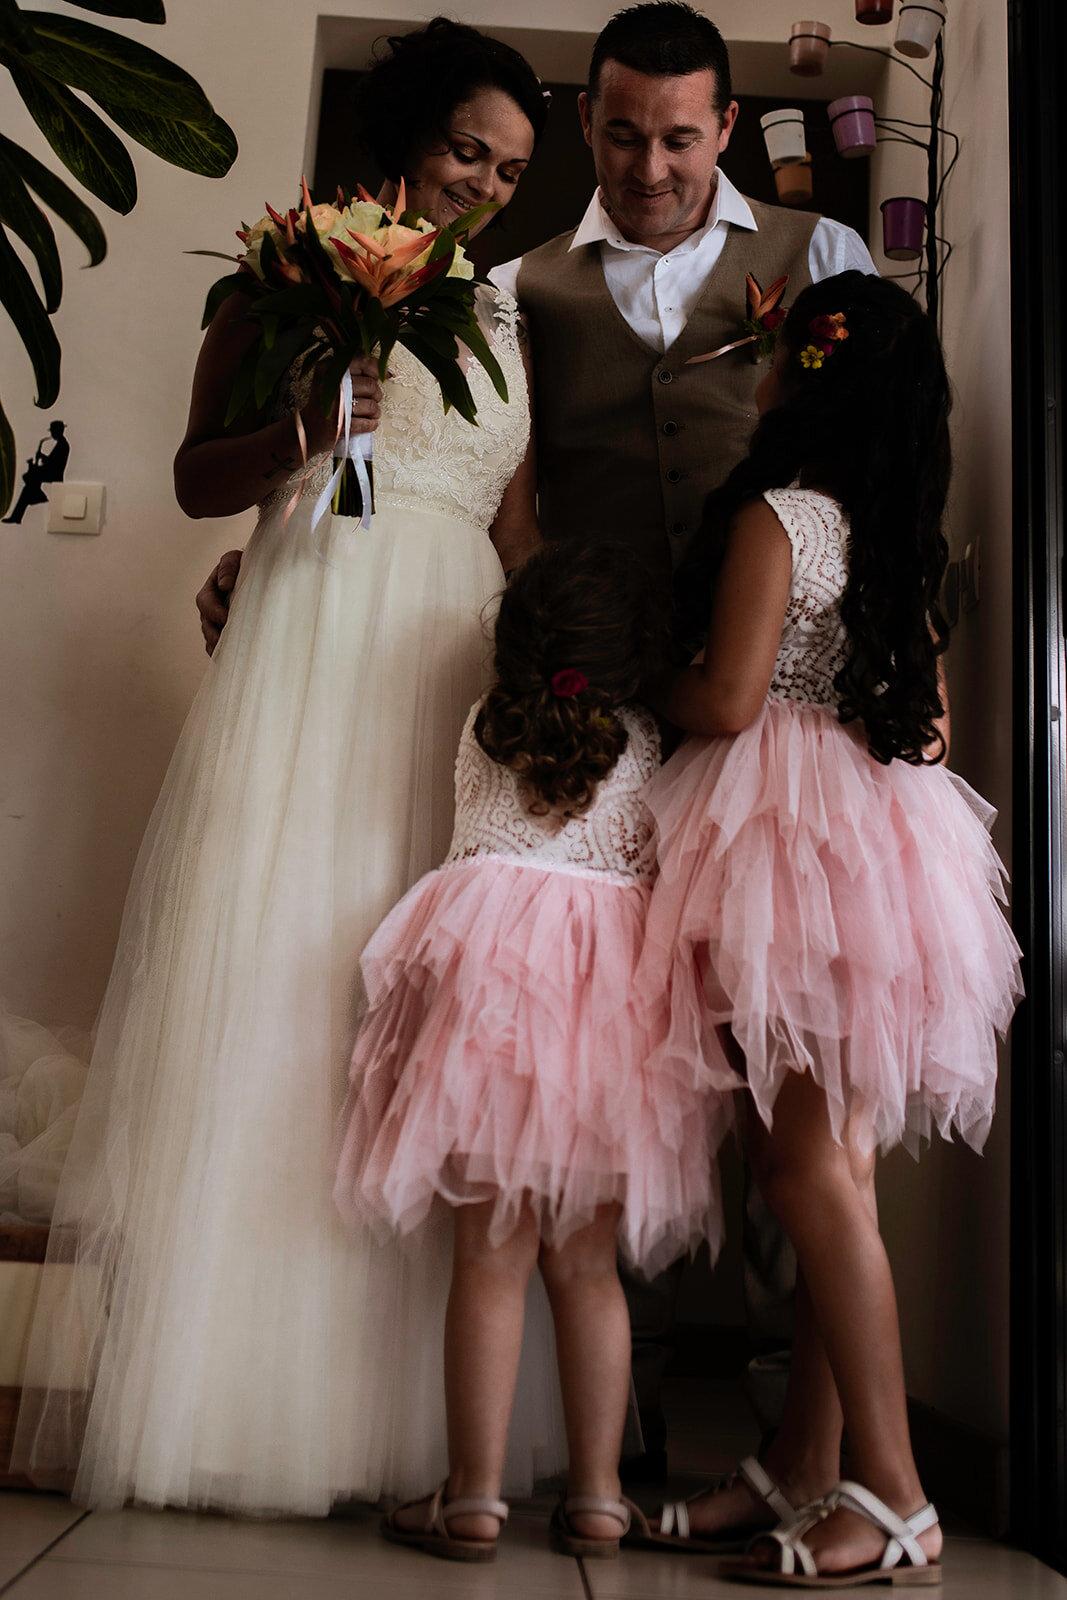 """""""Le fruit de notre amour"""" - A & S ont renouvelé leurs vœux à la Réunion face à l'océan Indien. L'occasion de se dire et se montrer l'amour qu'ils se portent l'un pour l'autre mais aussi pour témoigner de l'amour incommensurable qu'ils portent à leurs deux filles."""